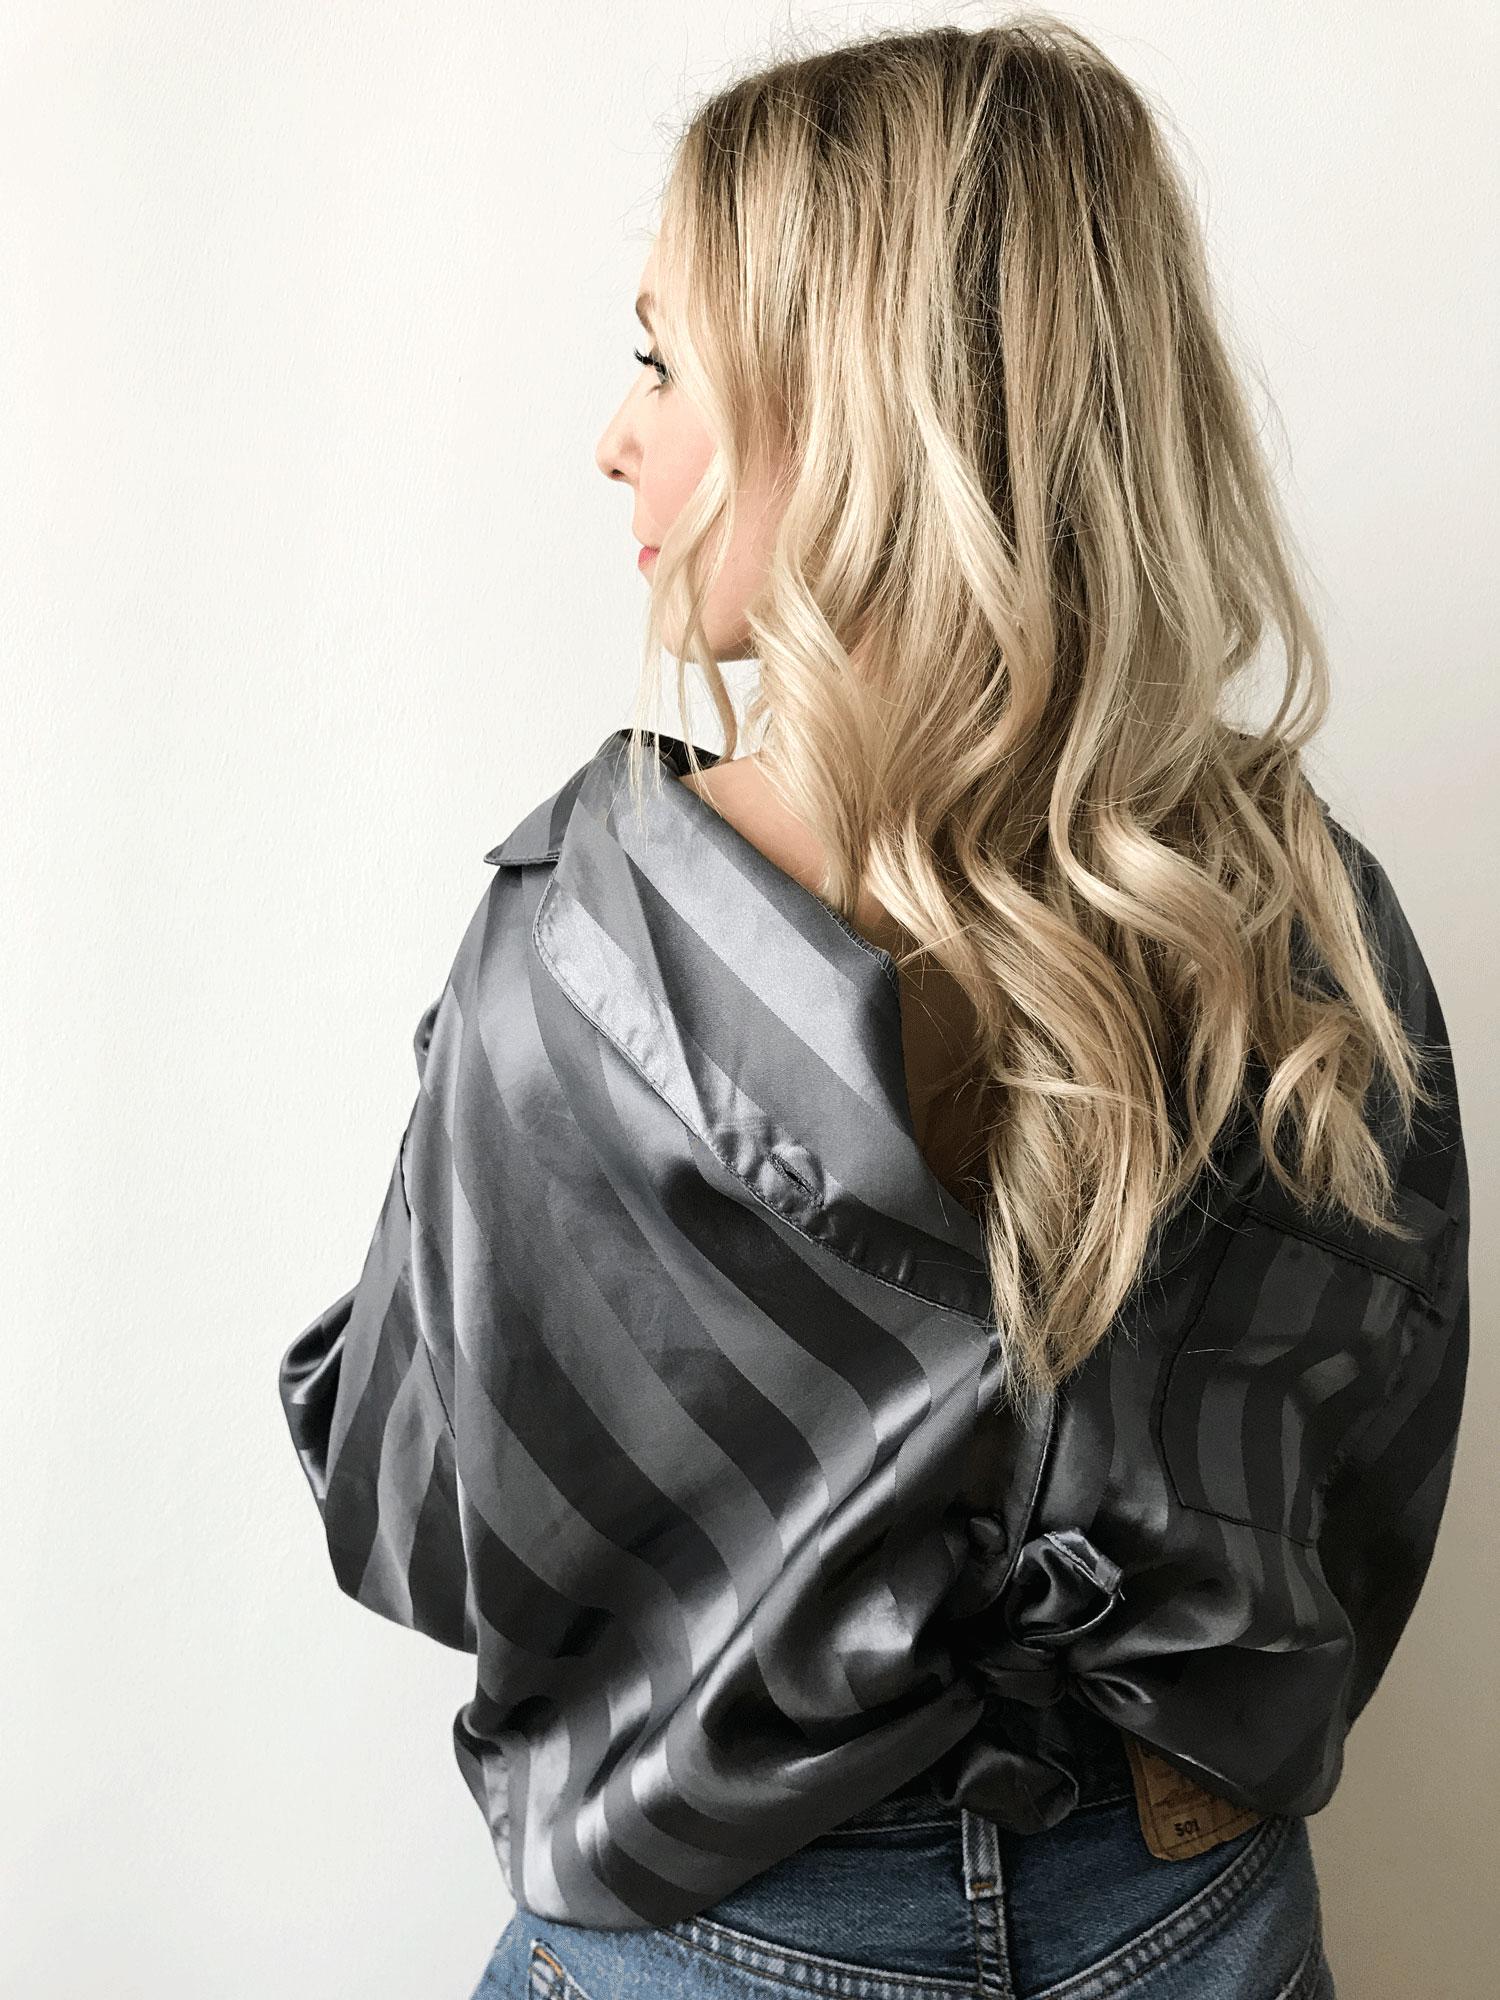 das perfekte blond, Waldhäuser hairstylist, balayage, blond, frisör